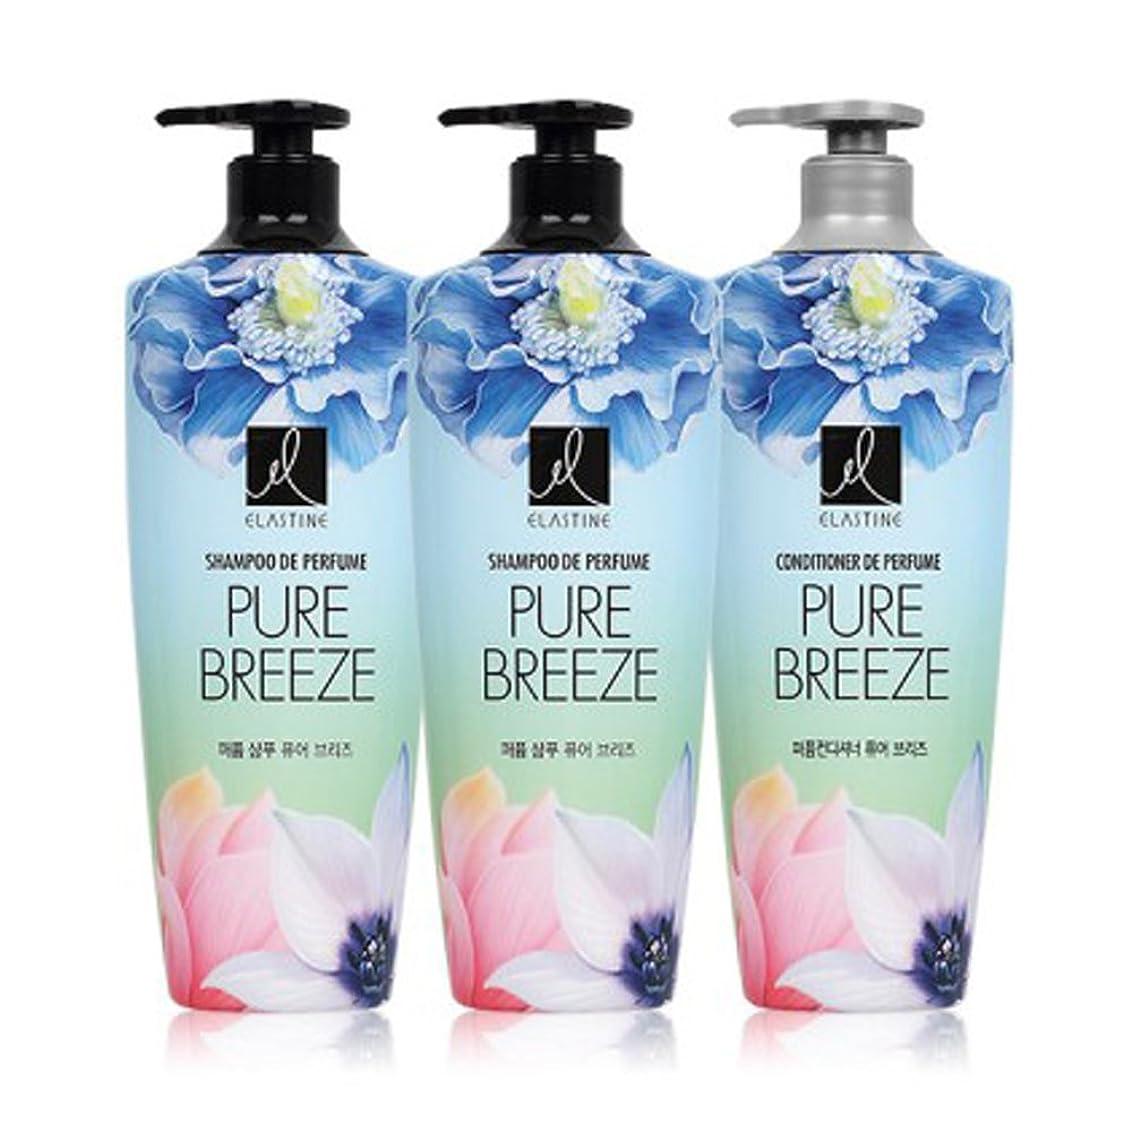 マインド従順な出来事[エラスティン] Elastine Perfume PURE BREEZE シャンプー600ml x 2本, コンディショナー600ml x 1本 / パフュームピュアブリーズ [並行輸入品]